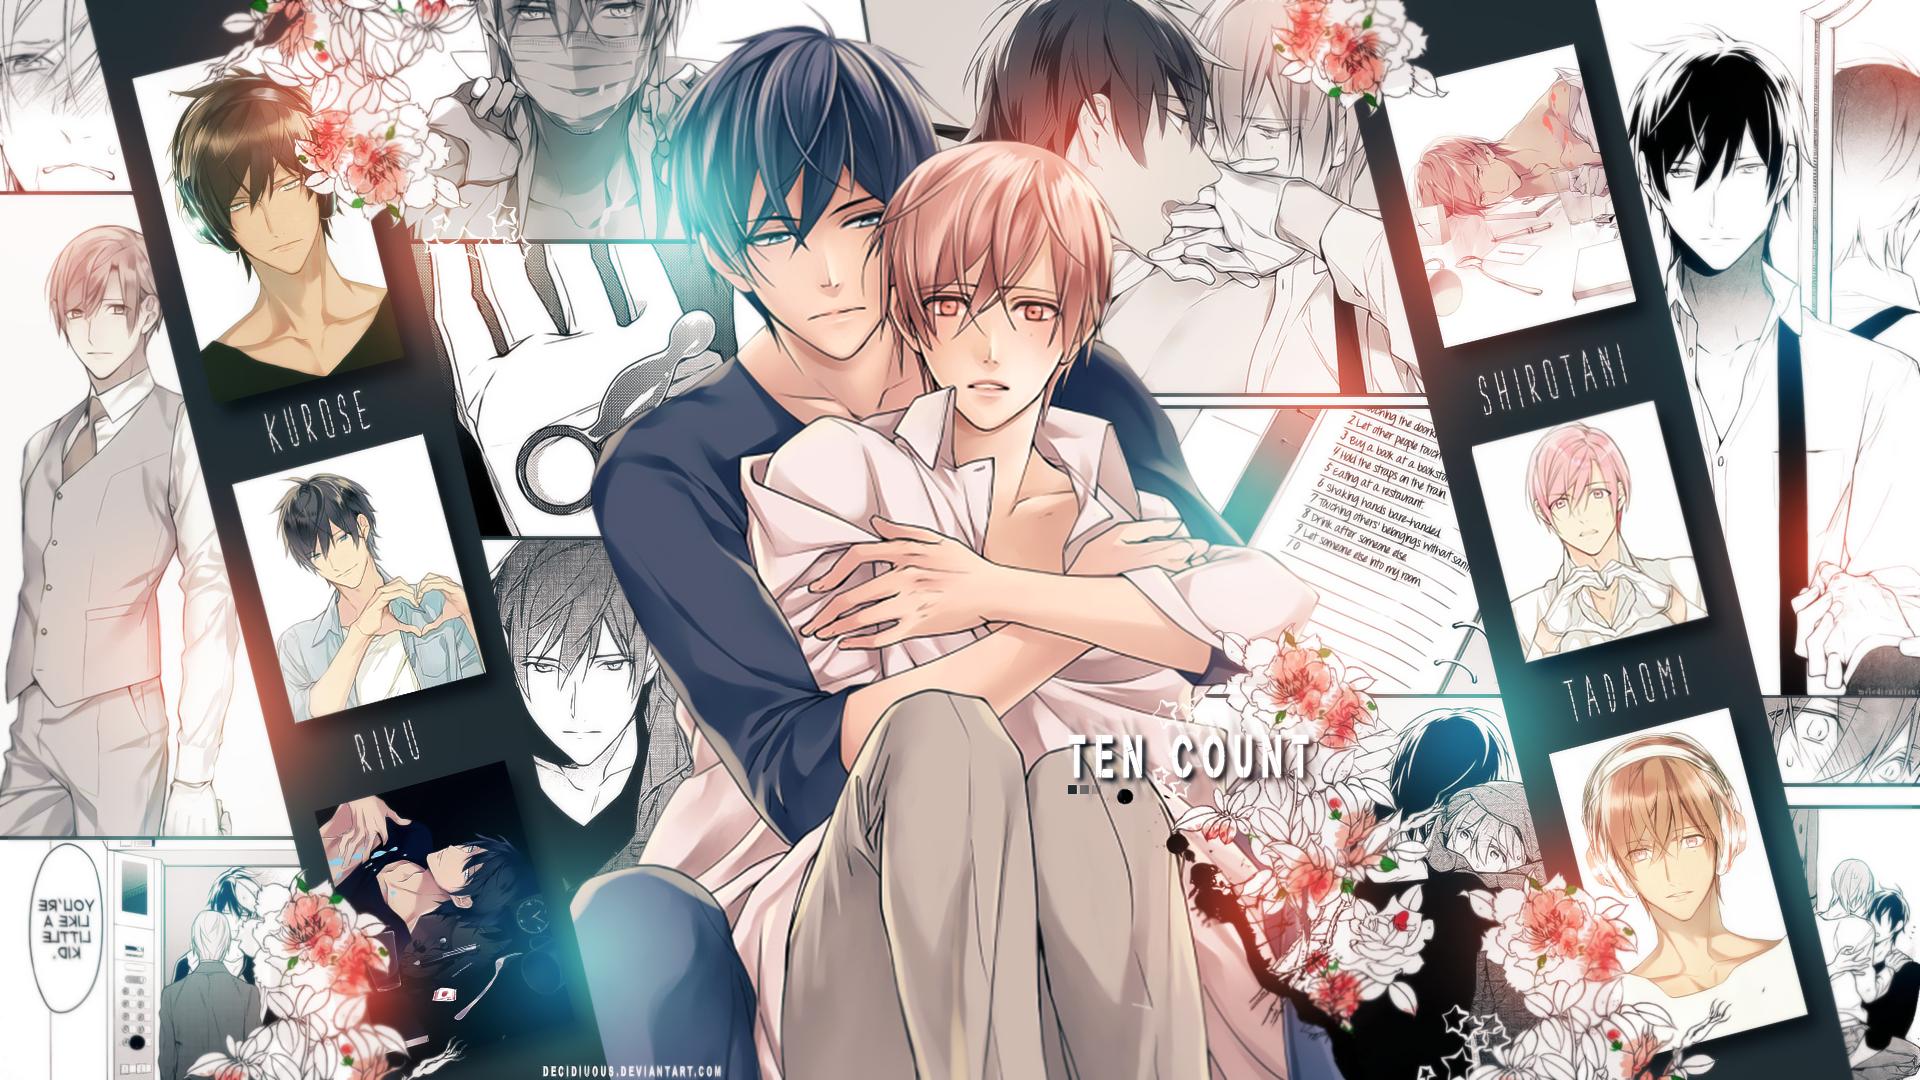 thumb 1920 789823 - Yaoi Manga Önerileri !! - Figurex Manga